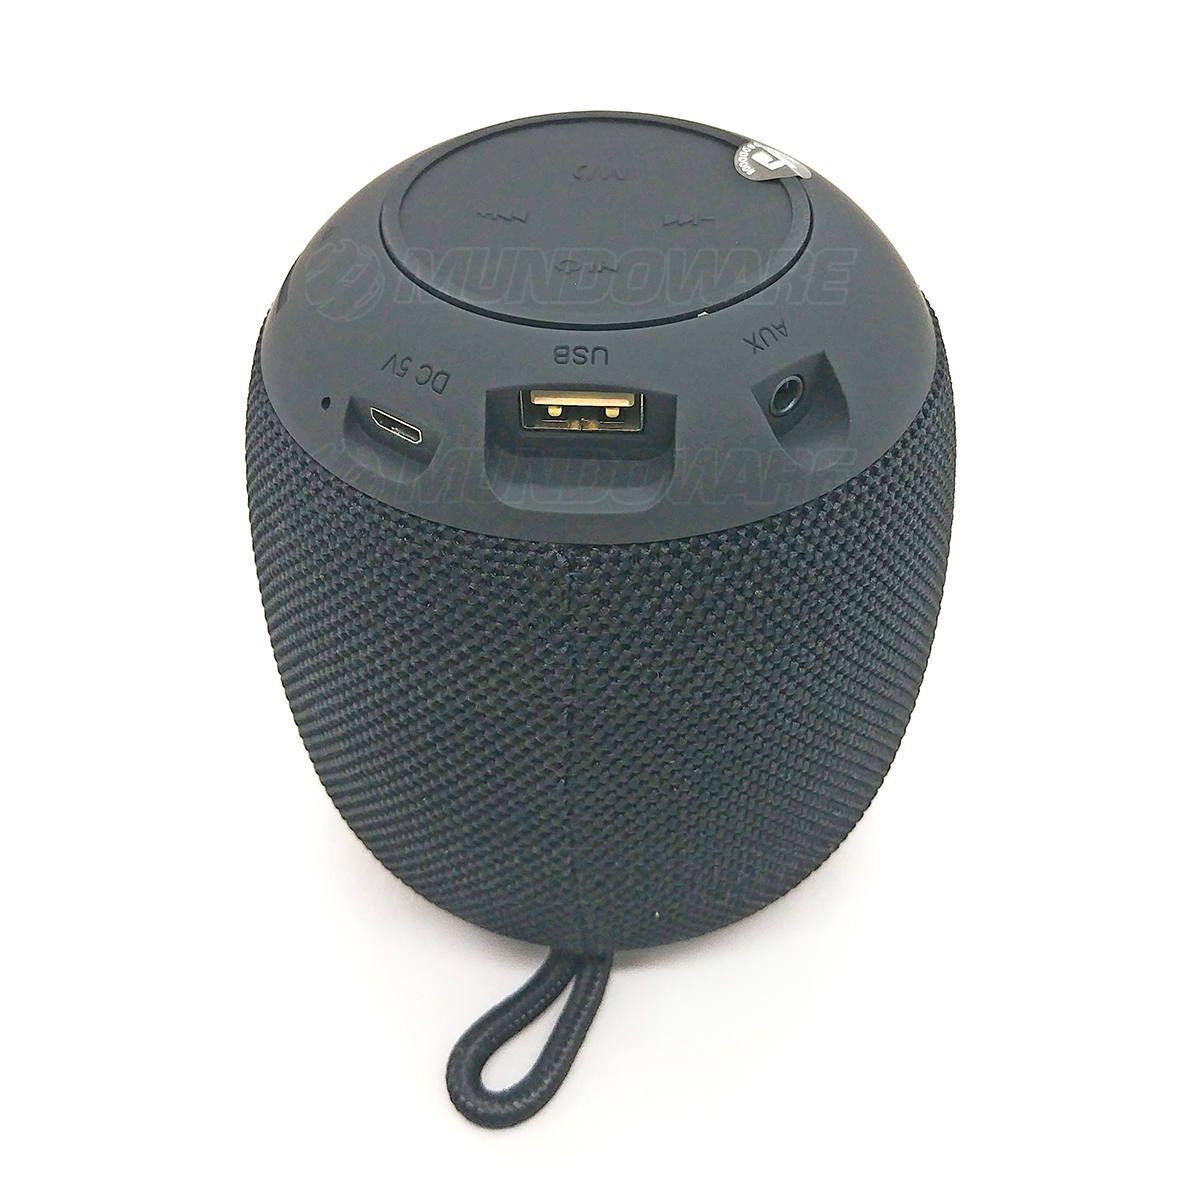 Caixa Bluetooth 4.2 Som Portátil 3W Entrada USB Micro SD Auxiliar P2 Rádio Função Atende Telefone XG4 Preta